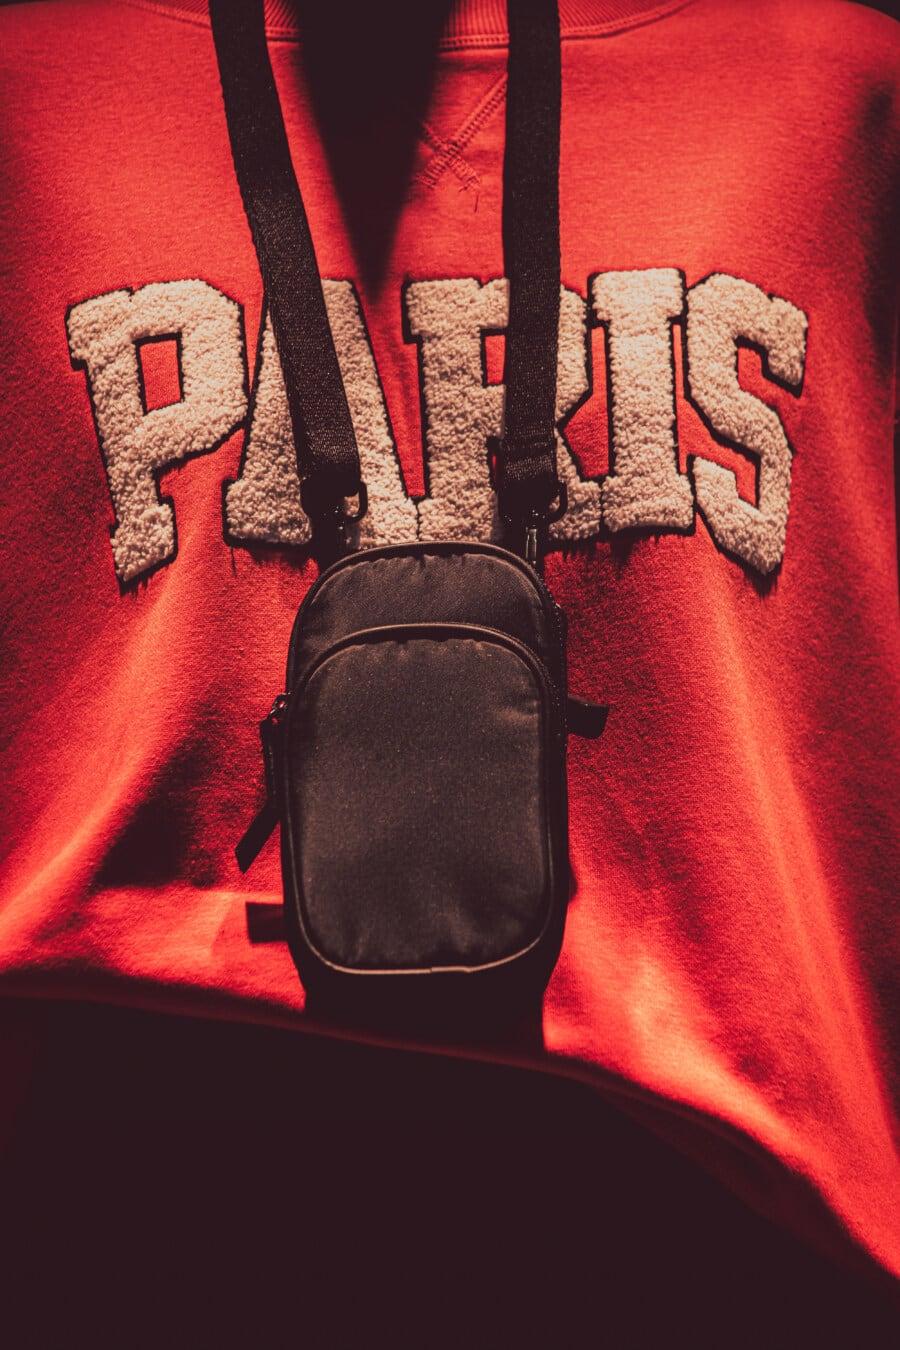 Paris, mode, Pull, matériel, velours, tissu, à l'intérieur, retro, sombre, lumière